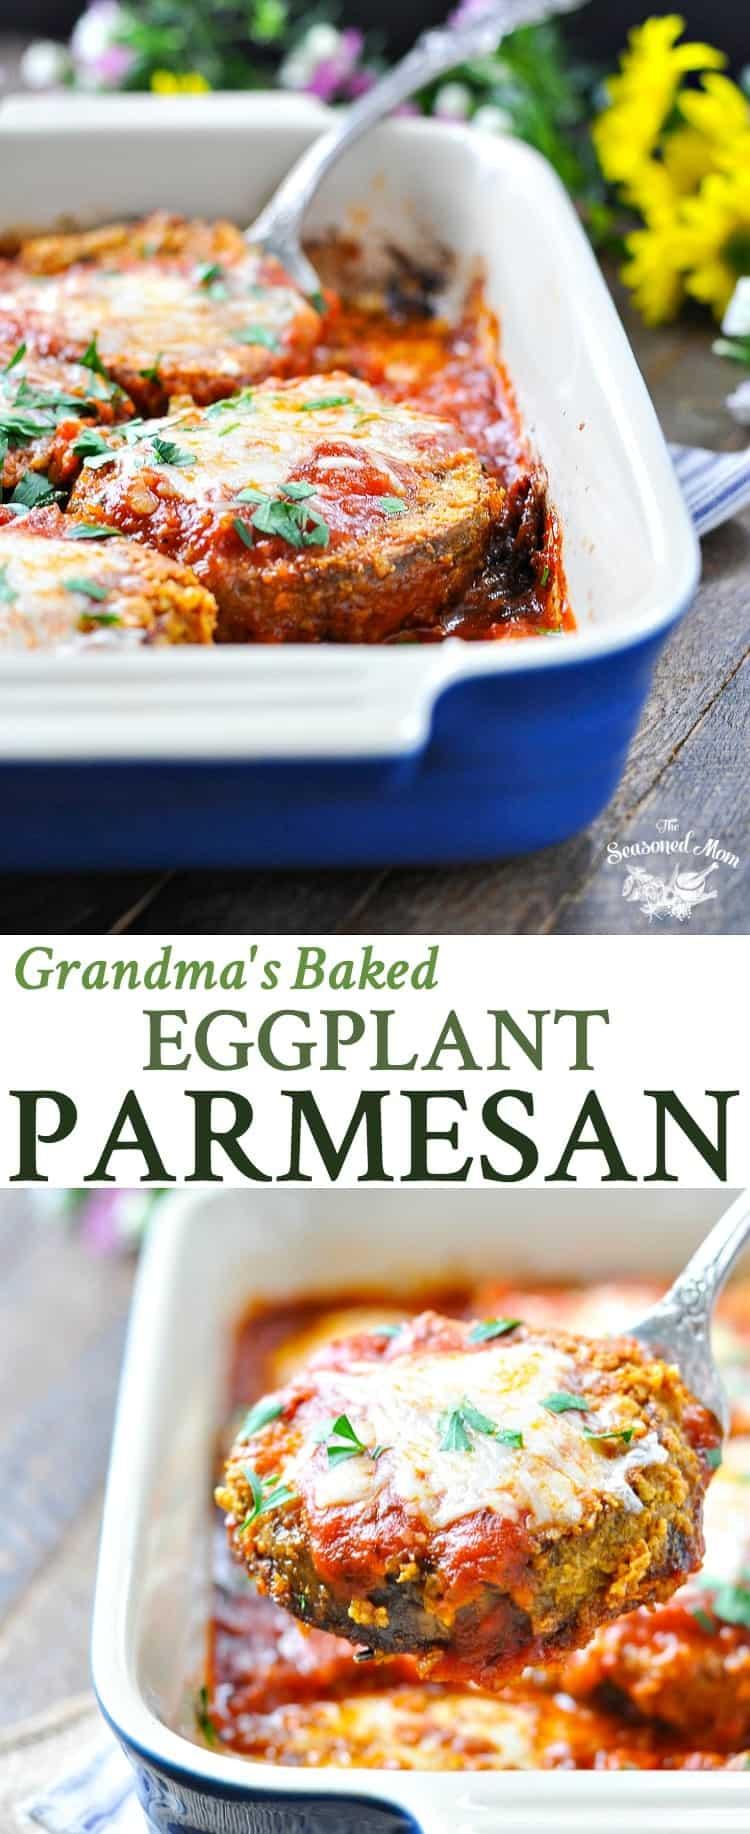 Grandma's Baked Eggplant Parmesan - The Seasoned Mom